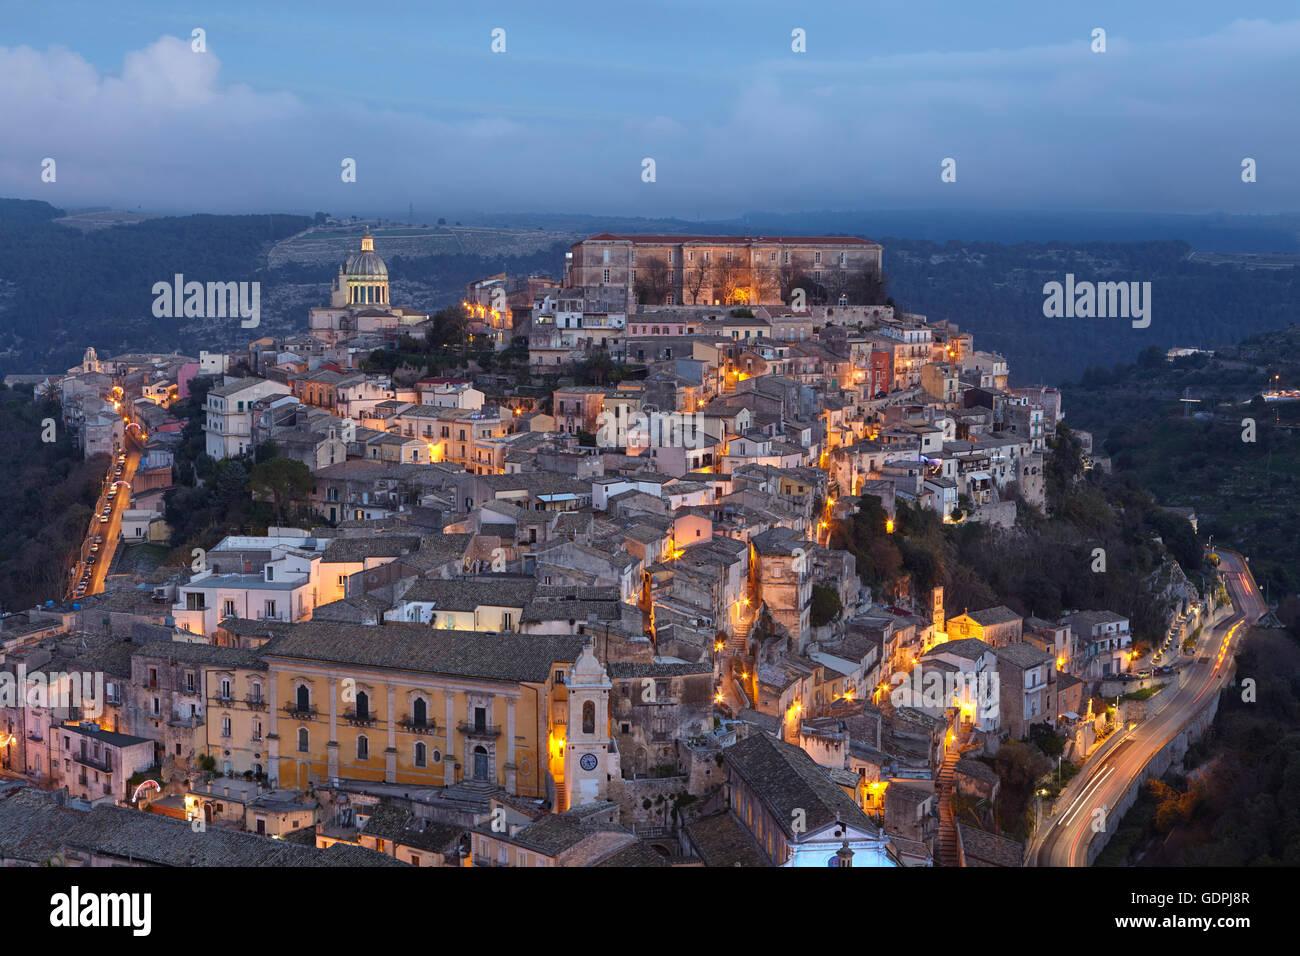 La città di Ragusa Ibla al tramonto, Sicilia, Italia Immagini Stock